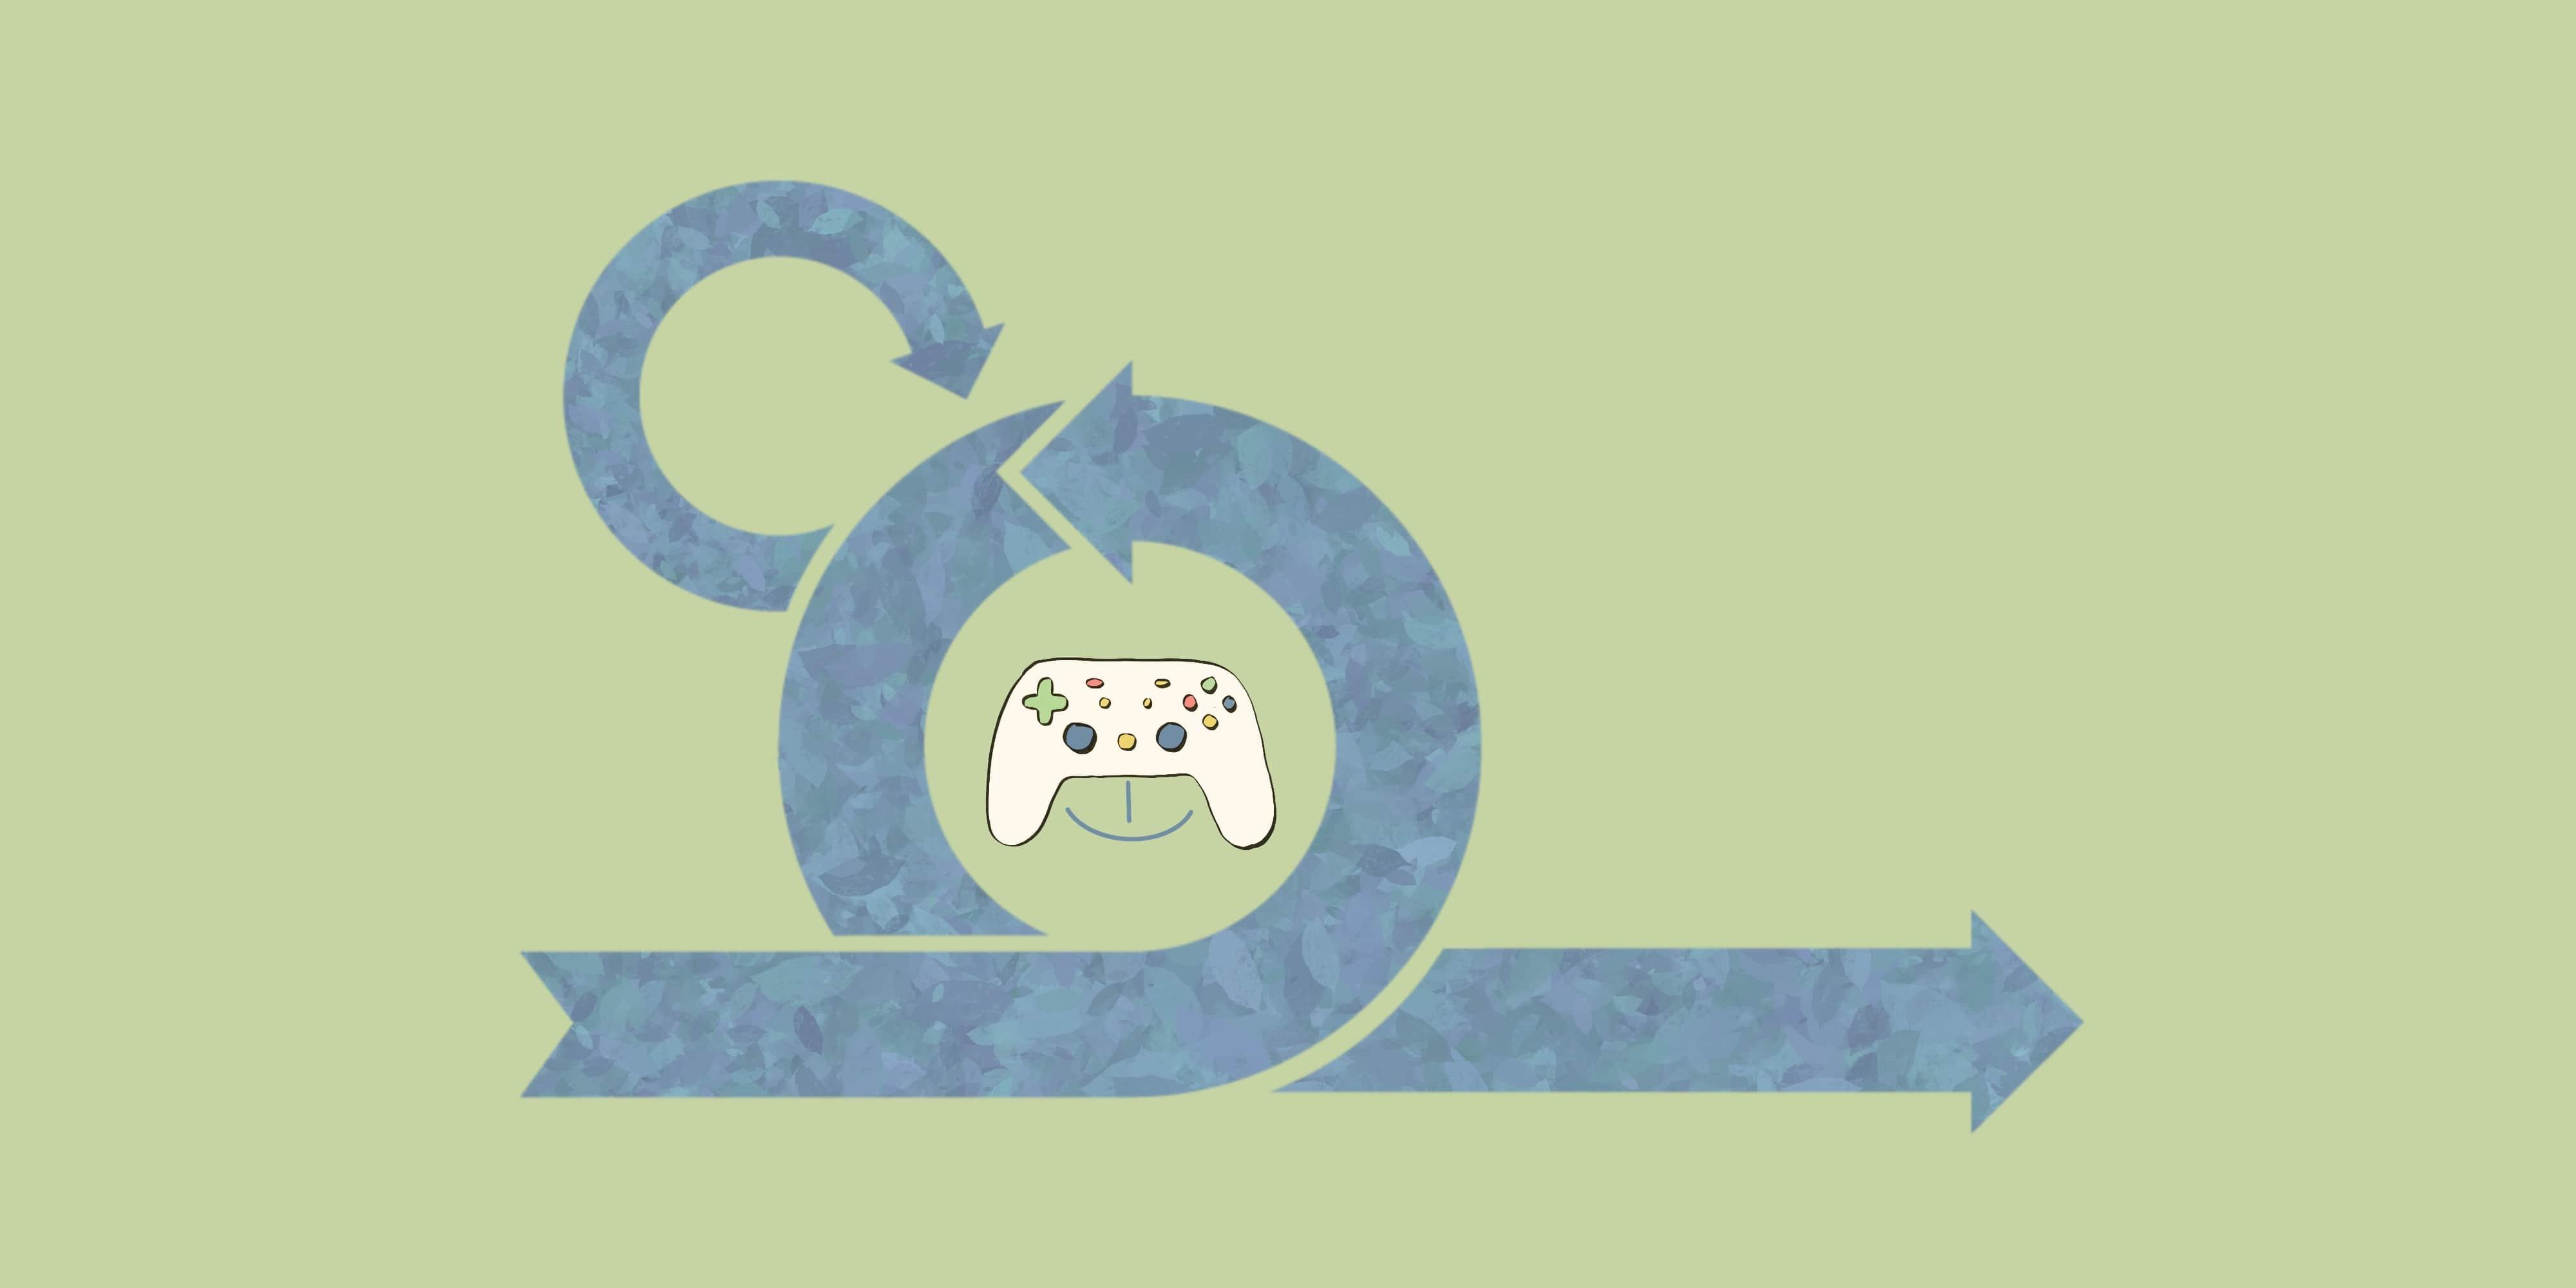 Менеджмент игровых проектов: от идеи до релиза